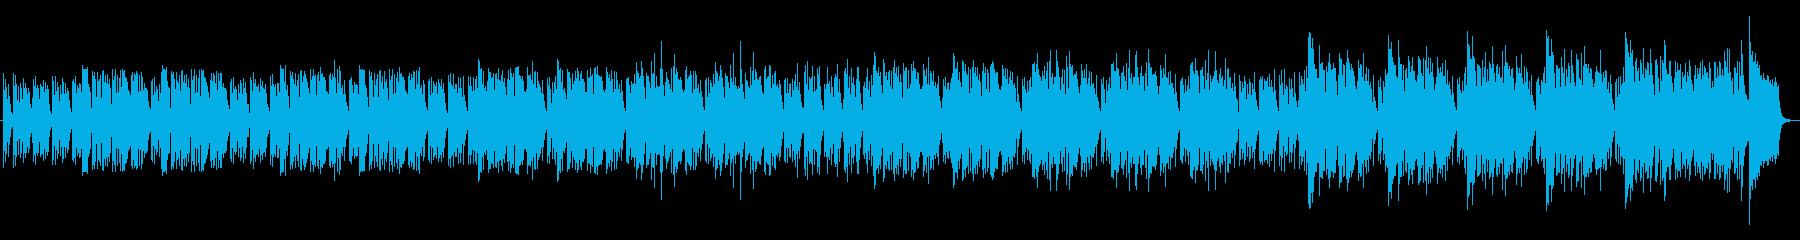 がんばって働く人のお仕事BGMの再生済みの波形